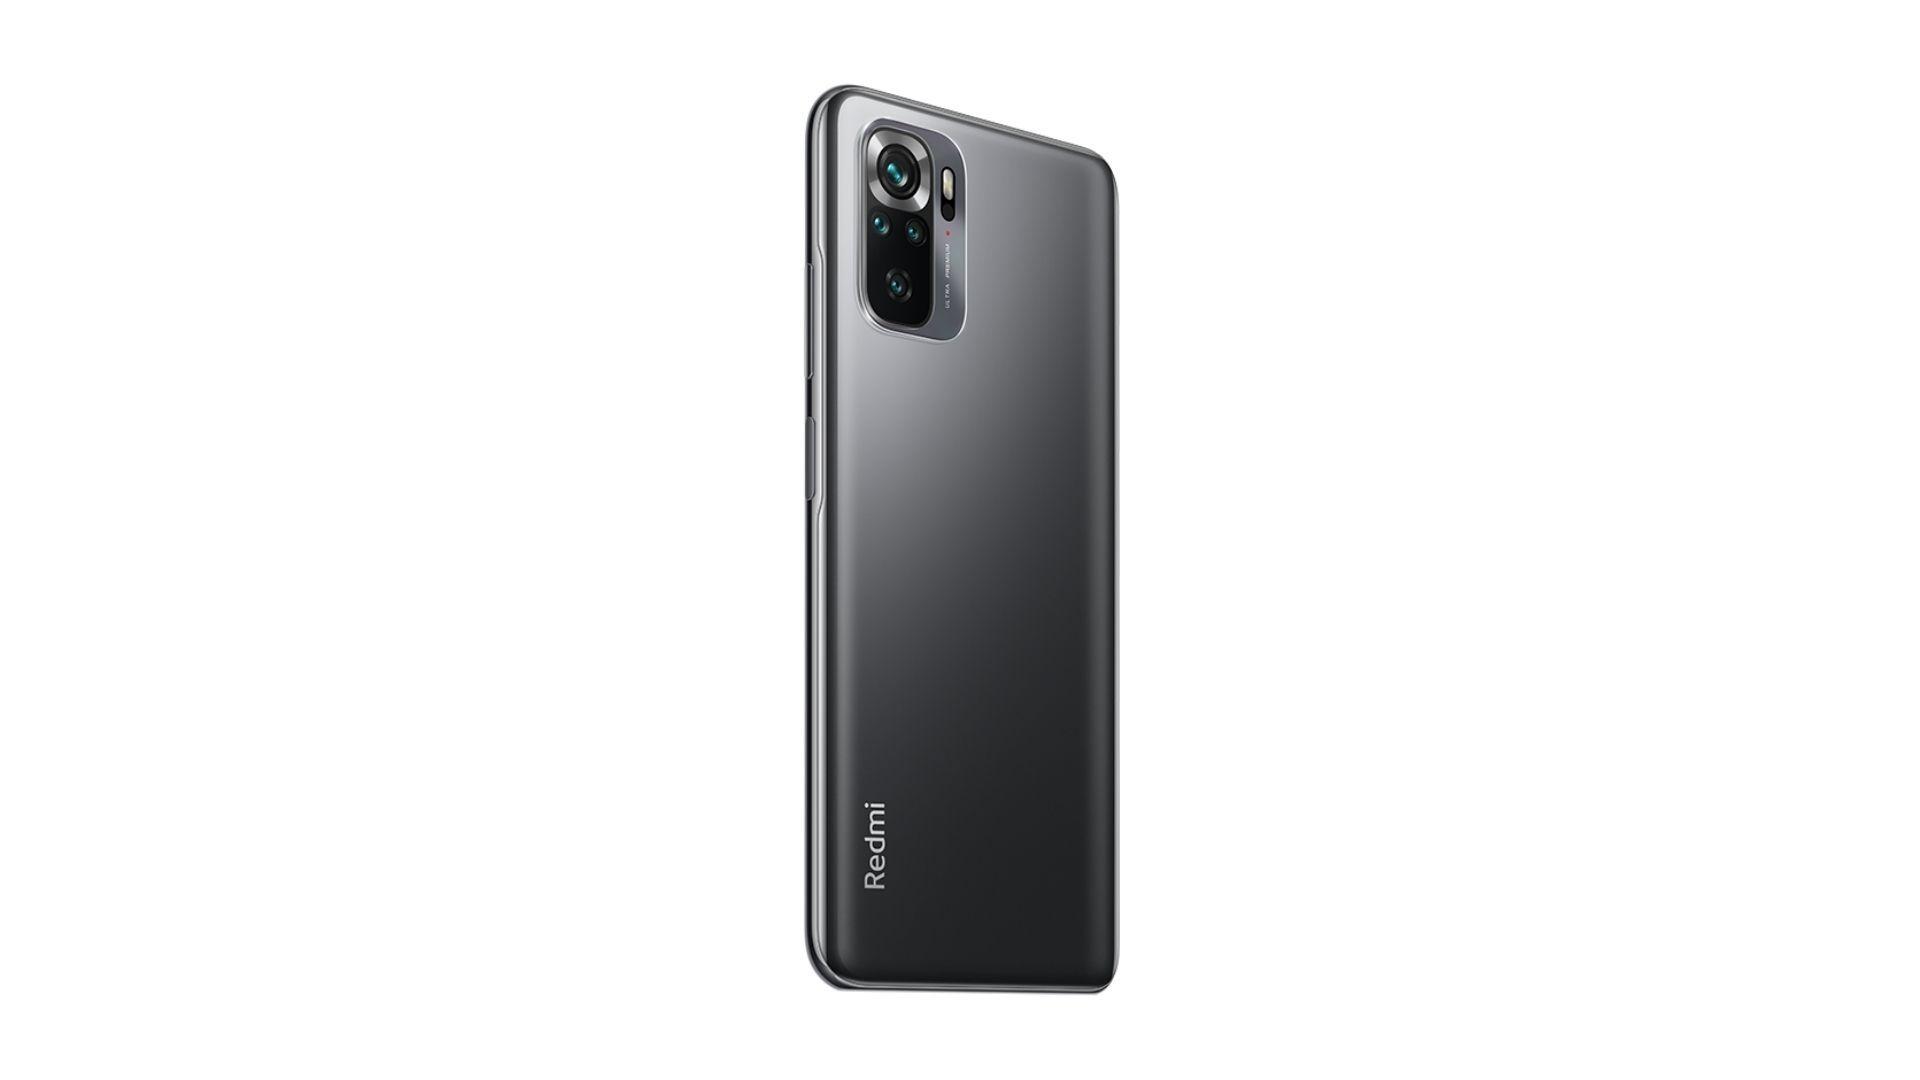 Celular preto Redmi Note 10S com fundo branco